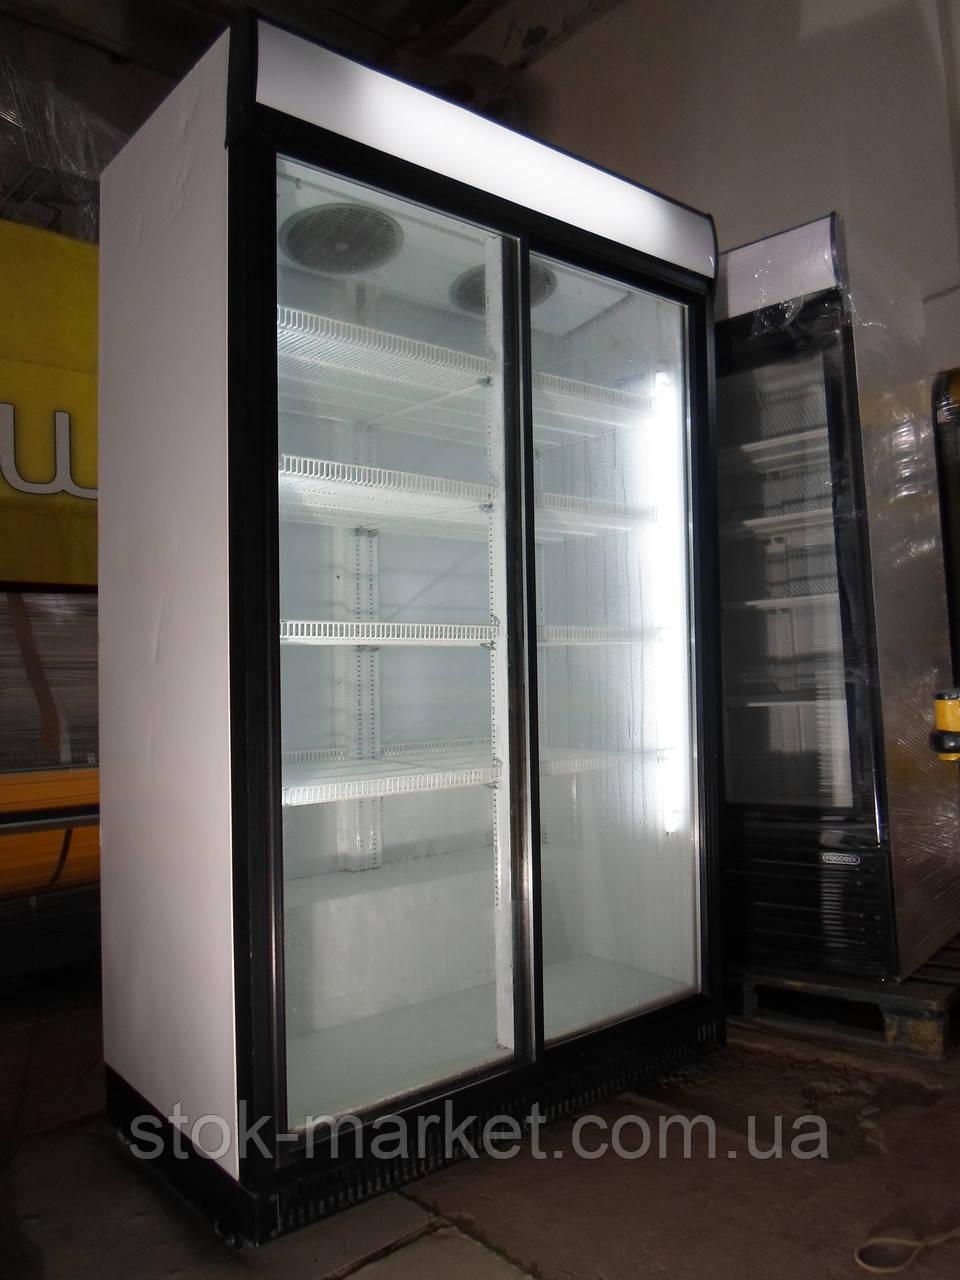 Холодильный шкаф Ice Stream Extra Large б/у, холодильный шкаф б у, витрина холодильная б у.